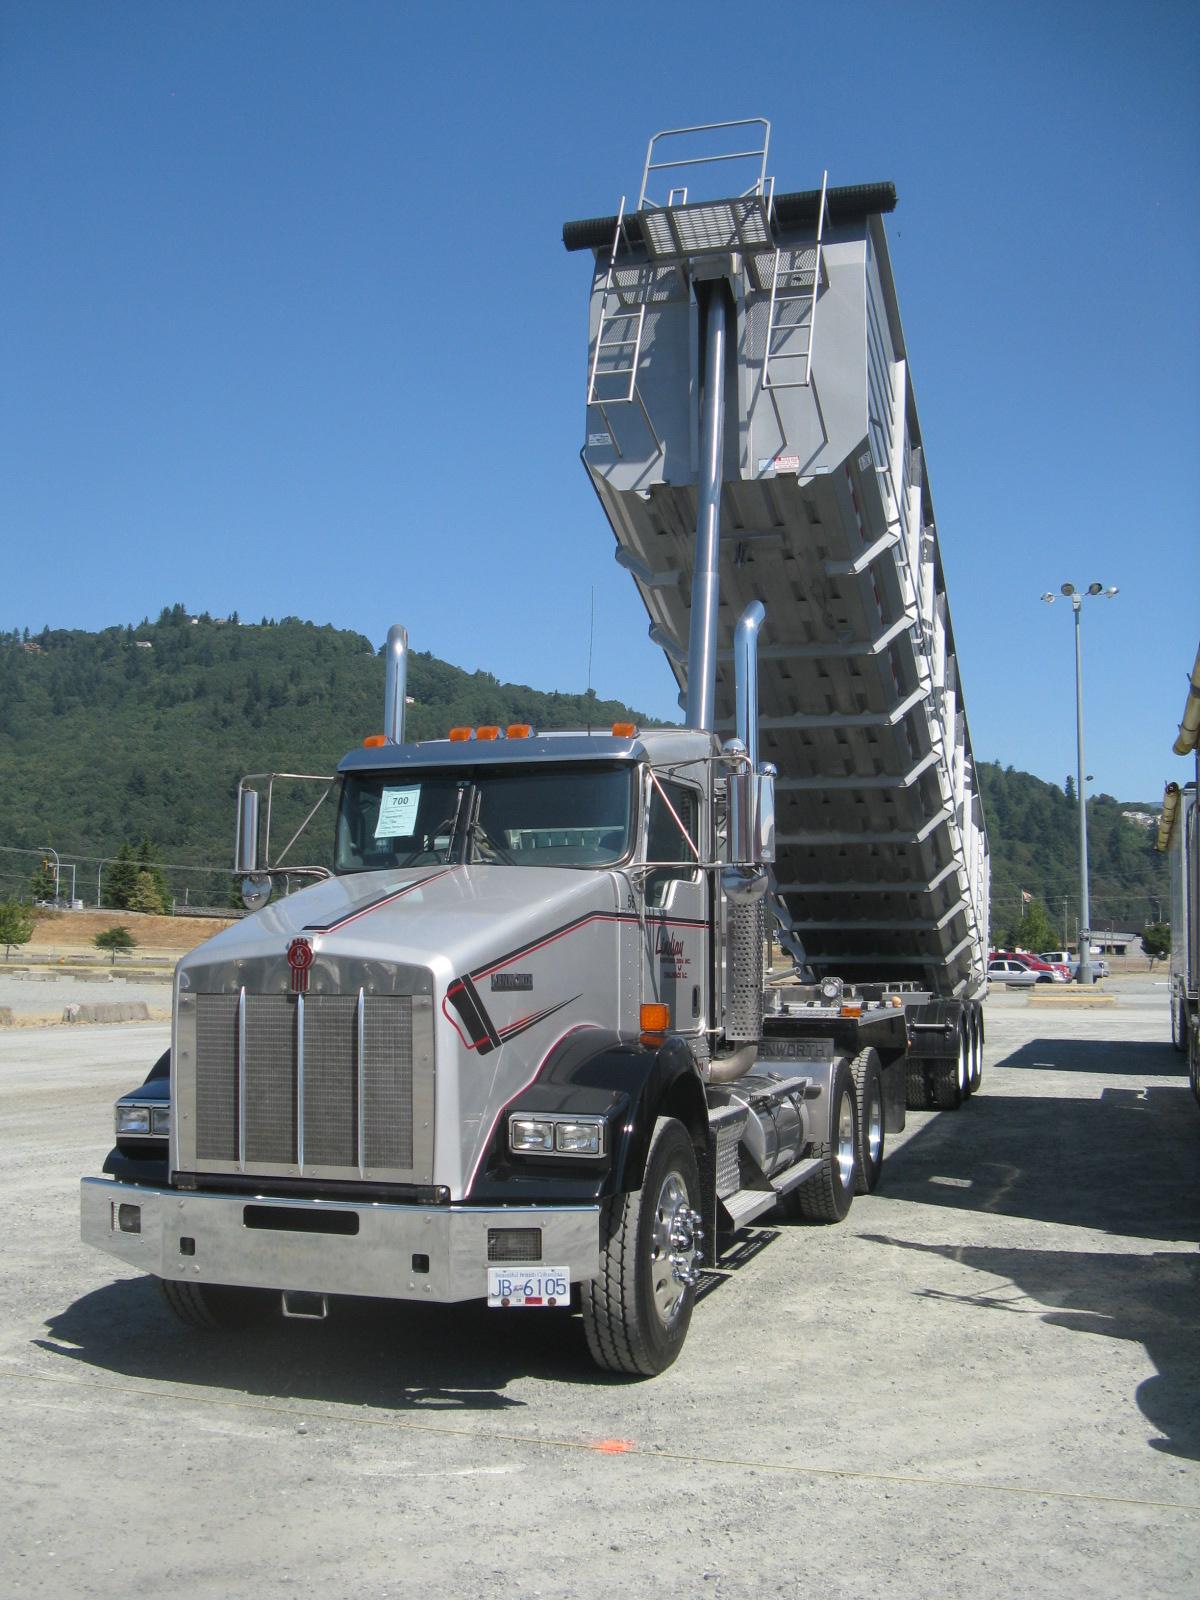 Big Ford Trucks >> Big Rig Truck Show, Chilliwack BC - Truck Shows and Events - BigMackTrucks.com